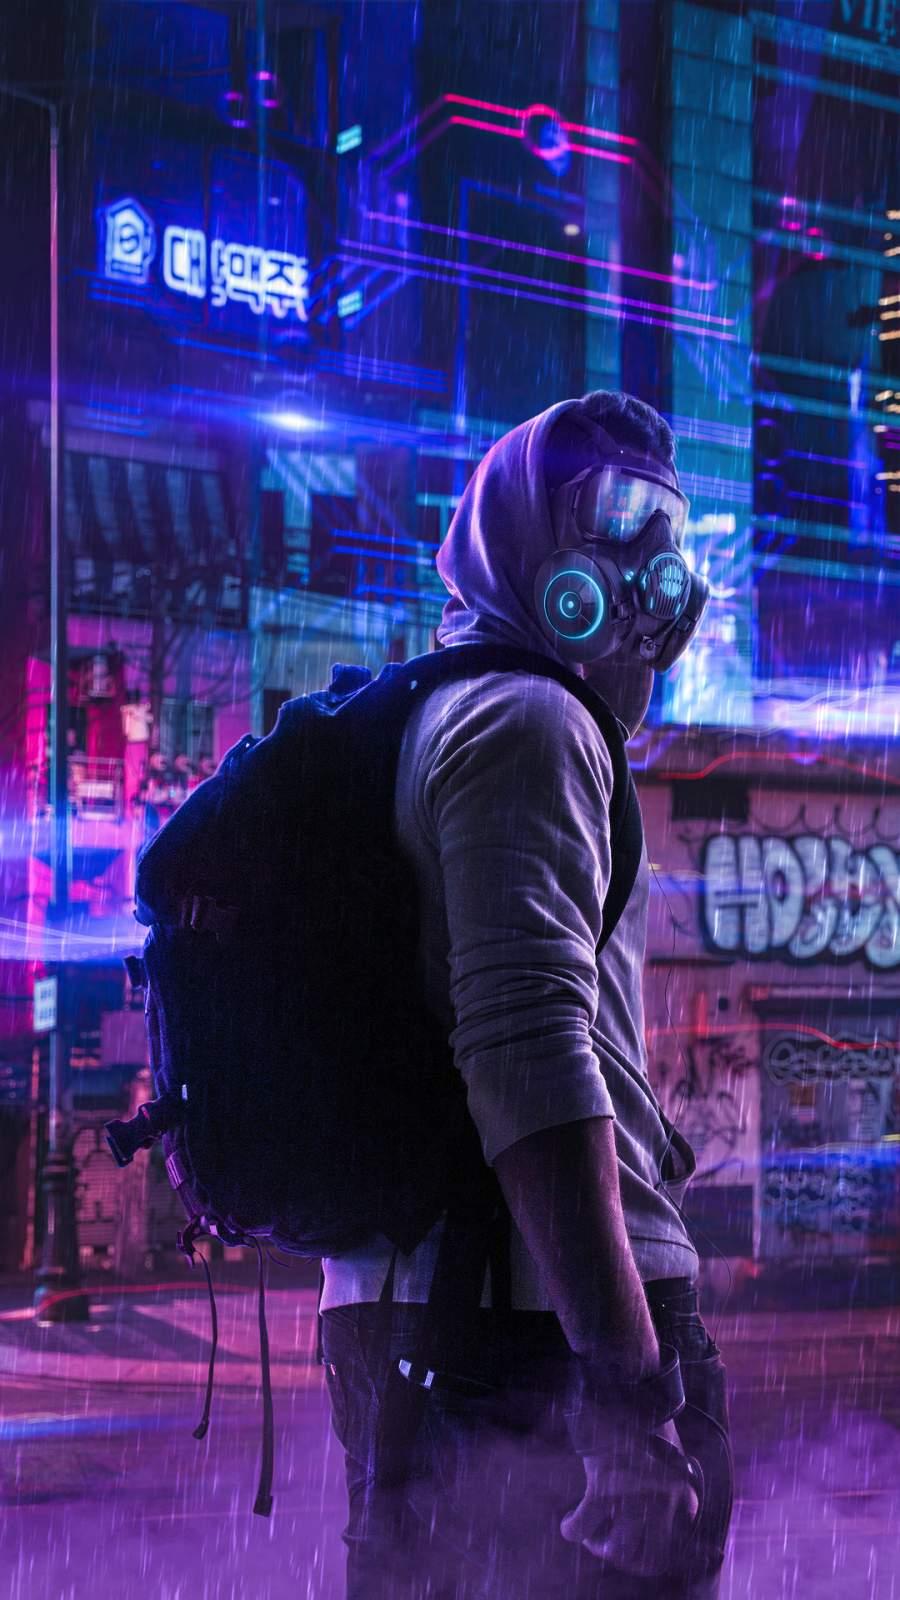 Toxic Mask Guy